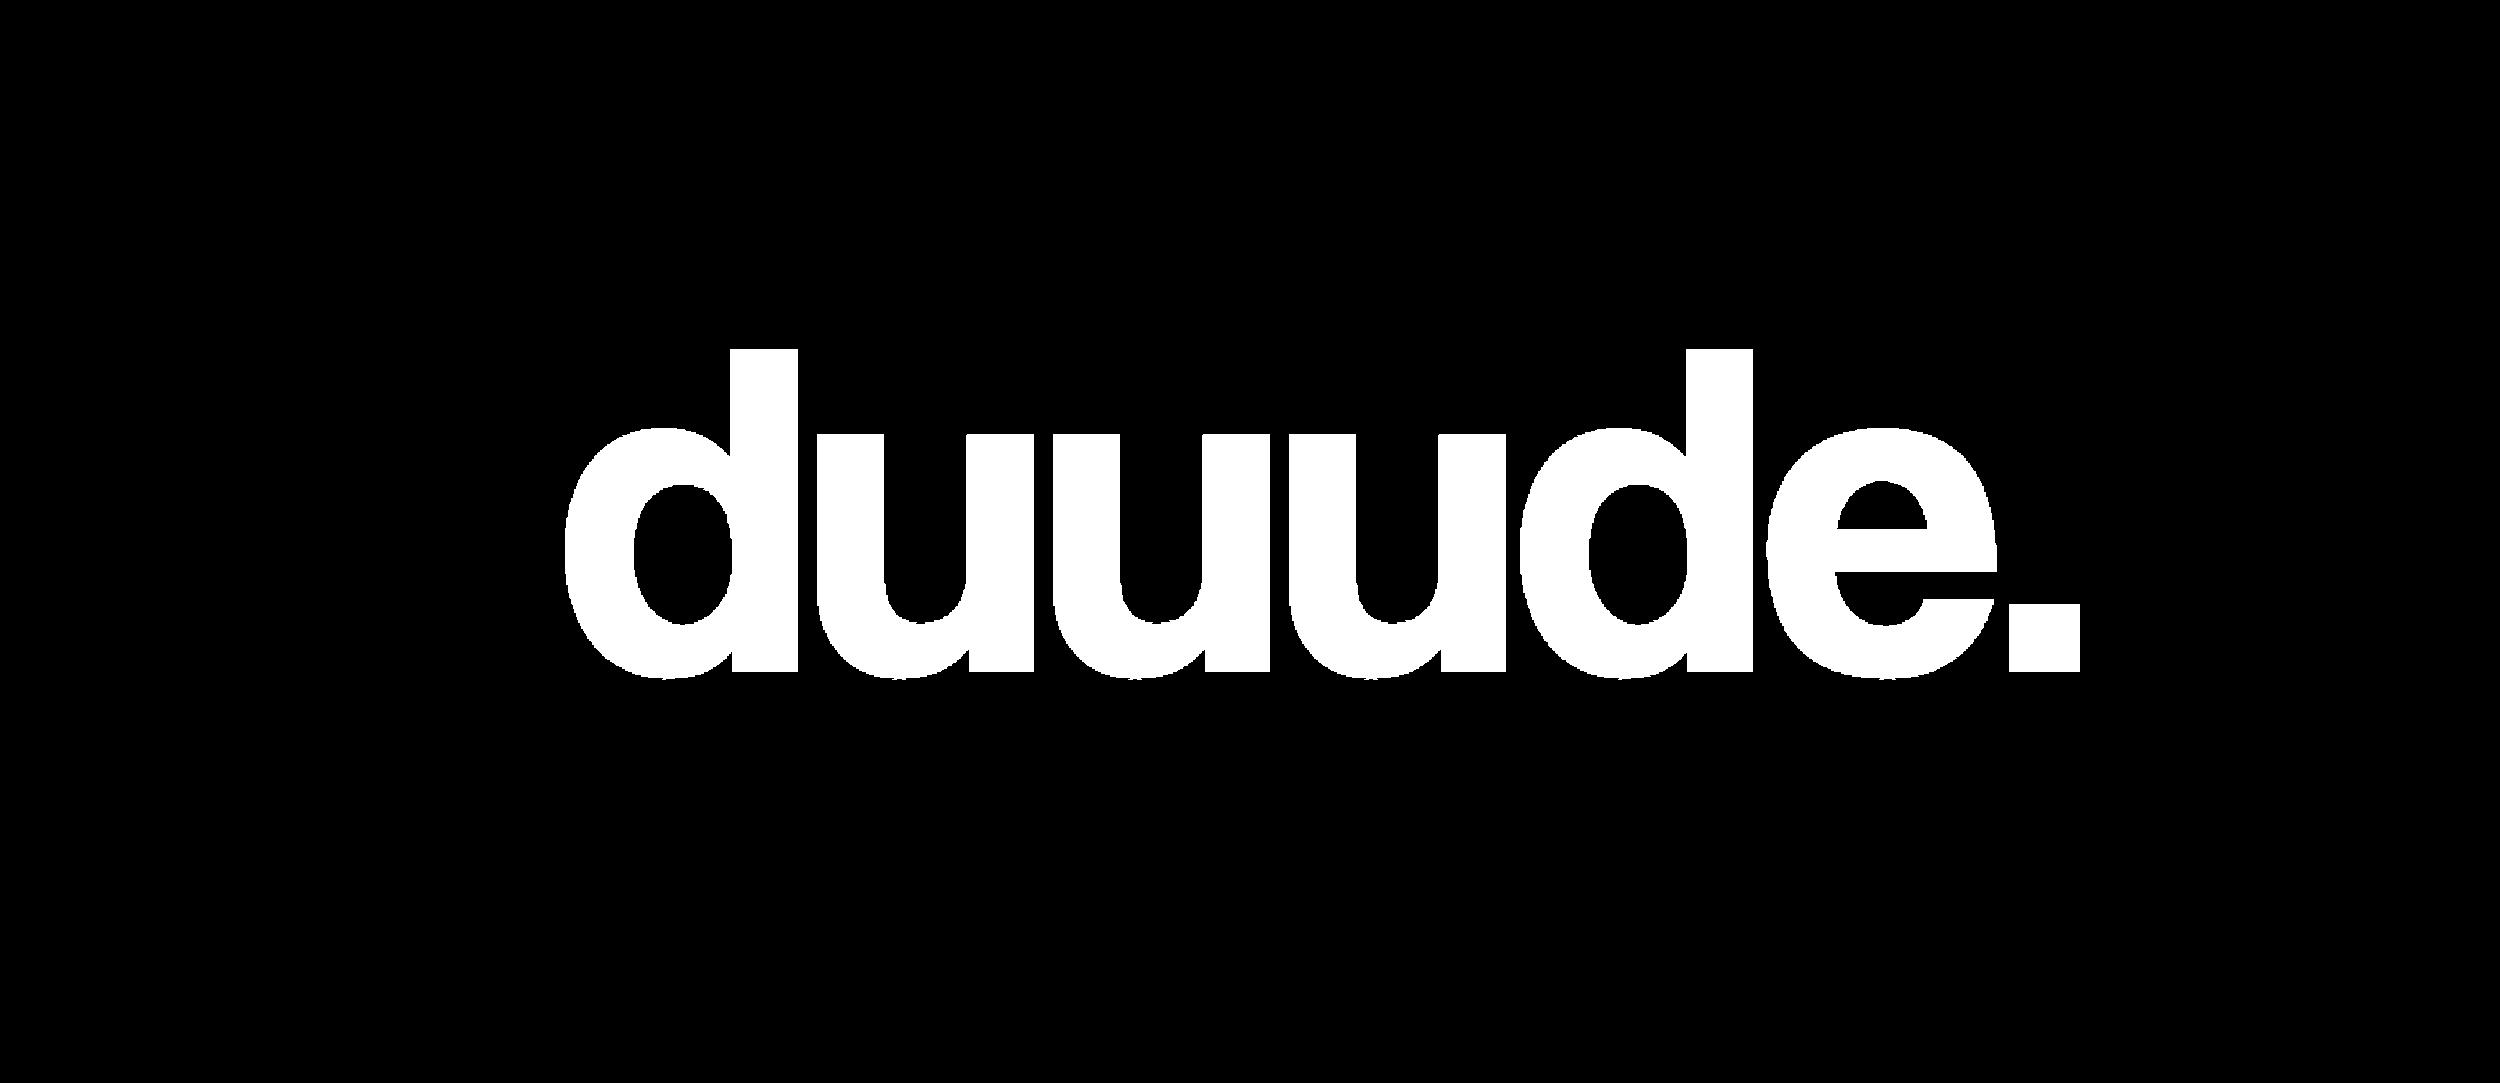 duuude logo